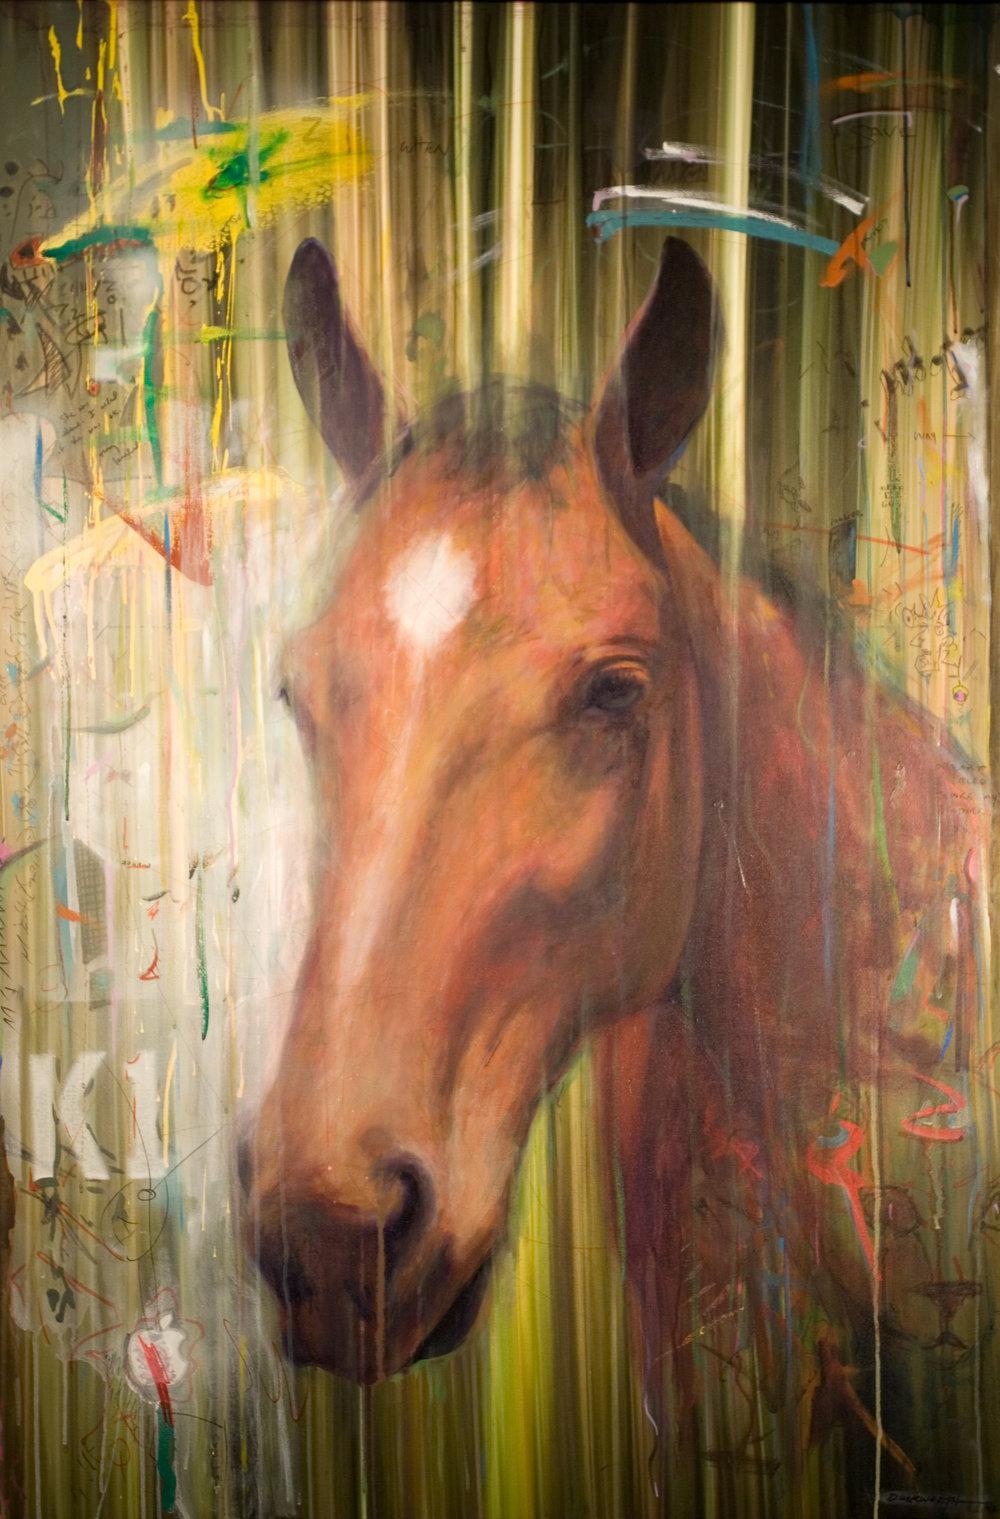 caballo_02.jpg